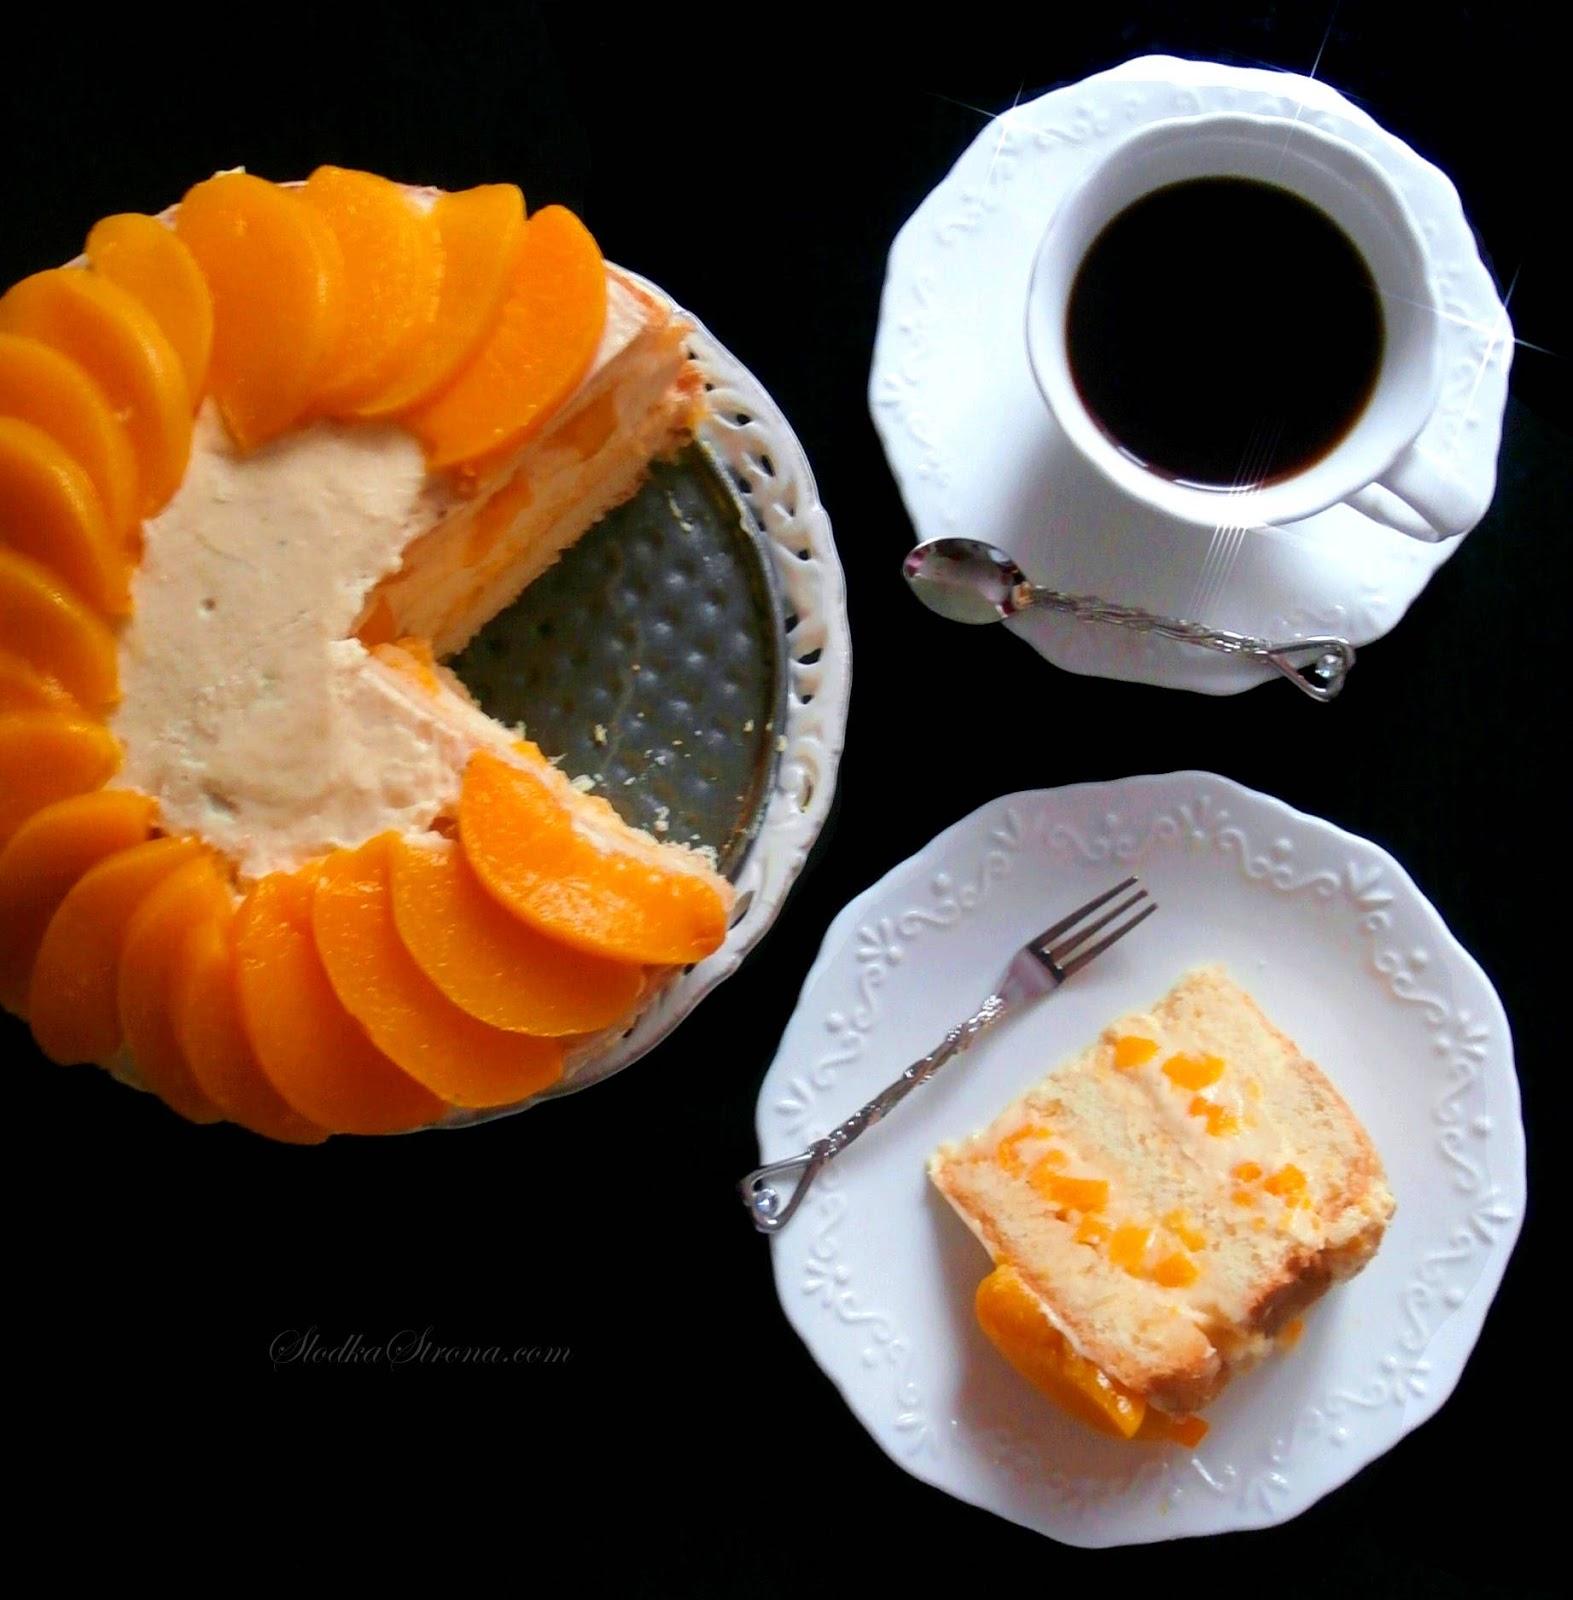 """Tort Brzoskwiniowy to klasyka wśród wypieków i jedno z popularniejszych owocowych ciast. Puszysty, a zarazem """"sypki"""" biszkopt przełożony masą budyniowo-maślaną i kremem budyniowo-śmietanowym z kawałkami owoców to propozycja deseru, której ciężko się oprzeć szczególnie amatorom brzoskwiń. Tort dość prosty w przygotowaniu, a przepyszny w smaku i z pewnością warto przygotować go w domu."""